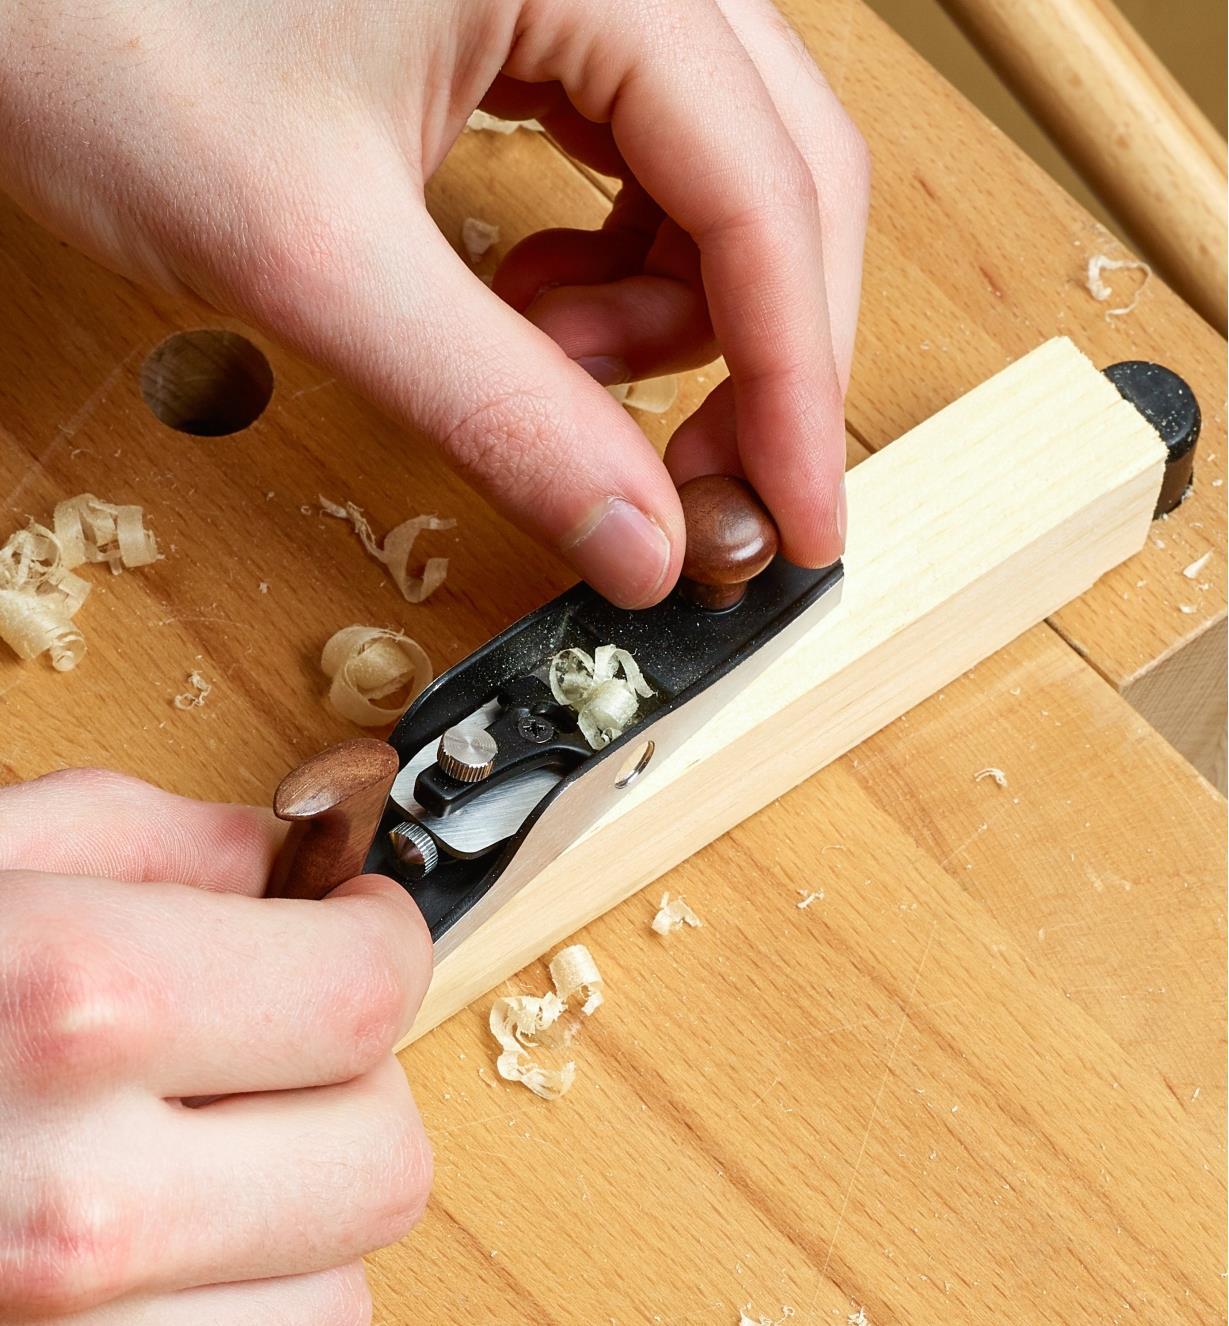 Riflard à angle faible servant à effectuer la finition d'une petite pièce de bois